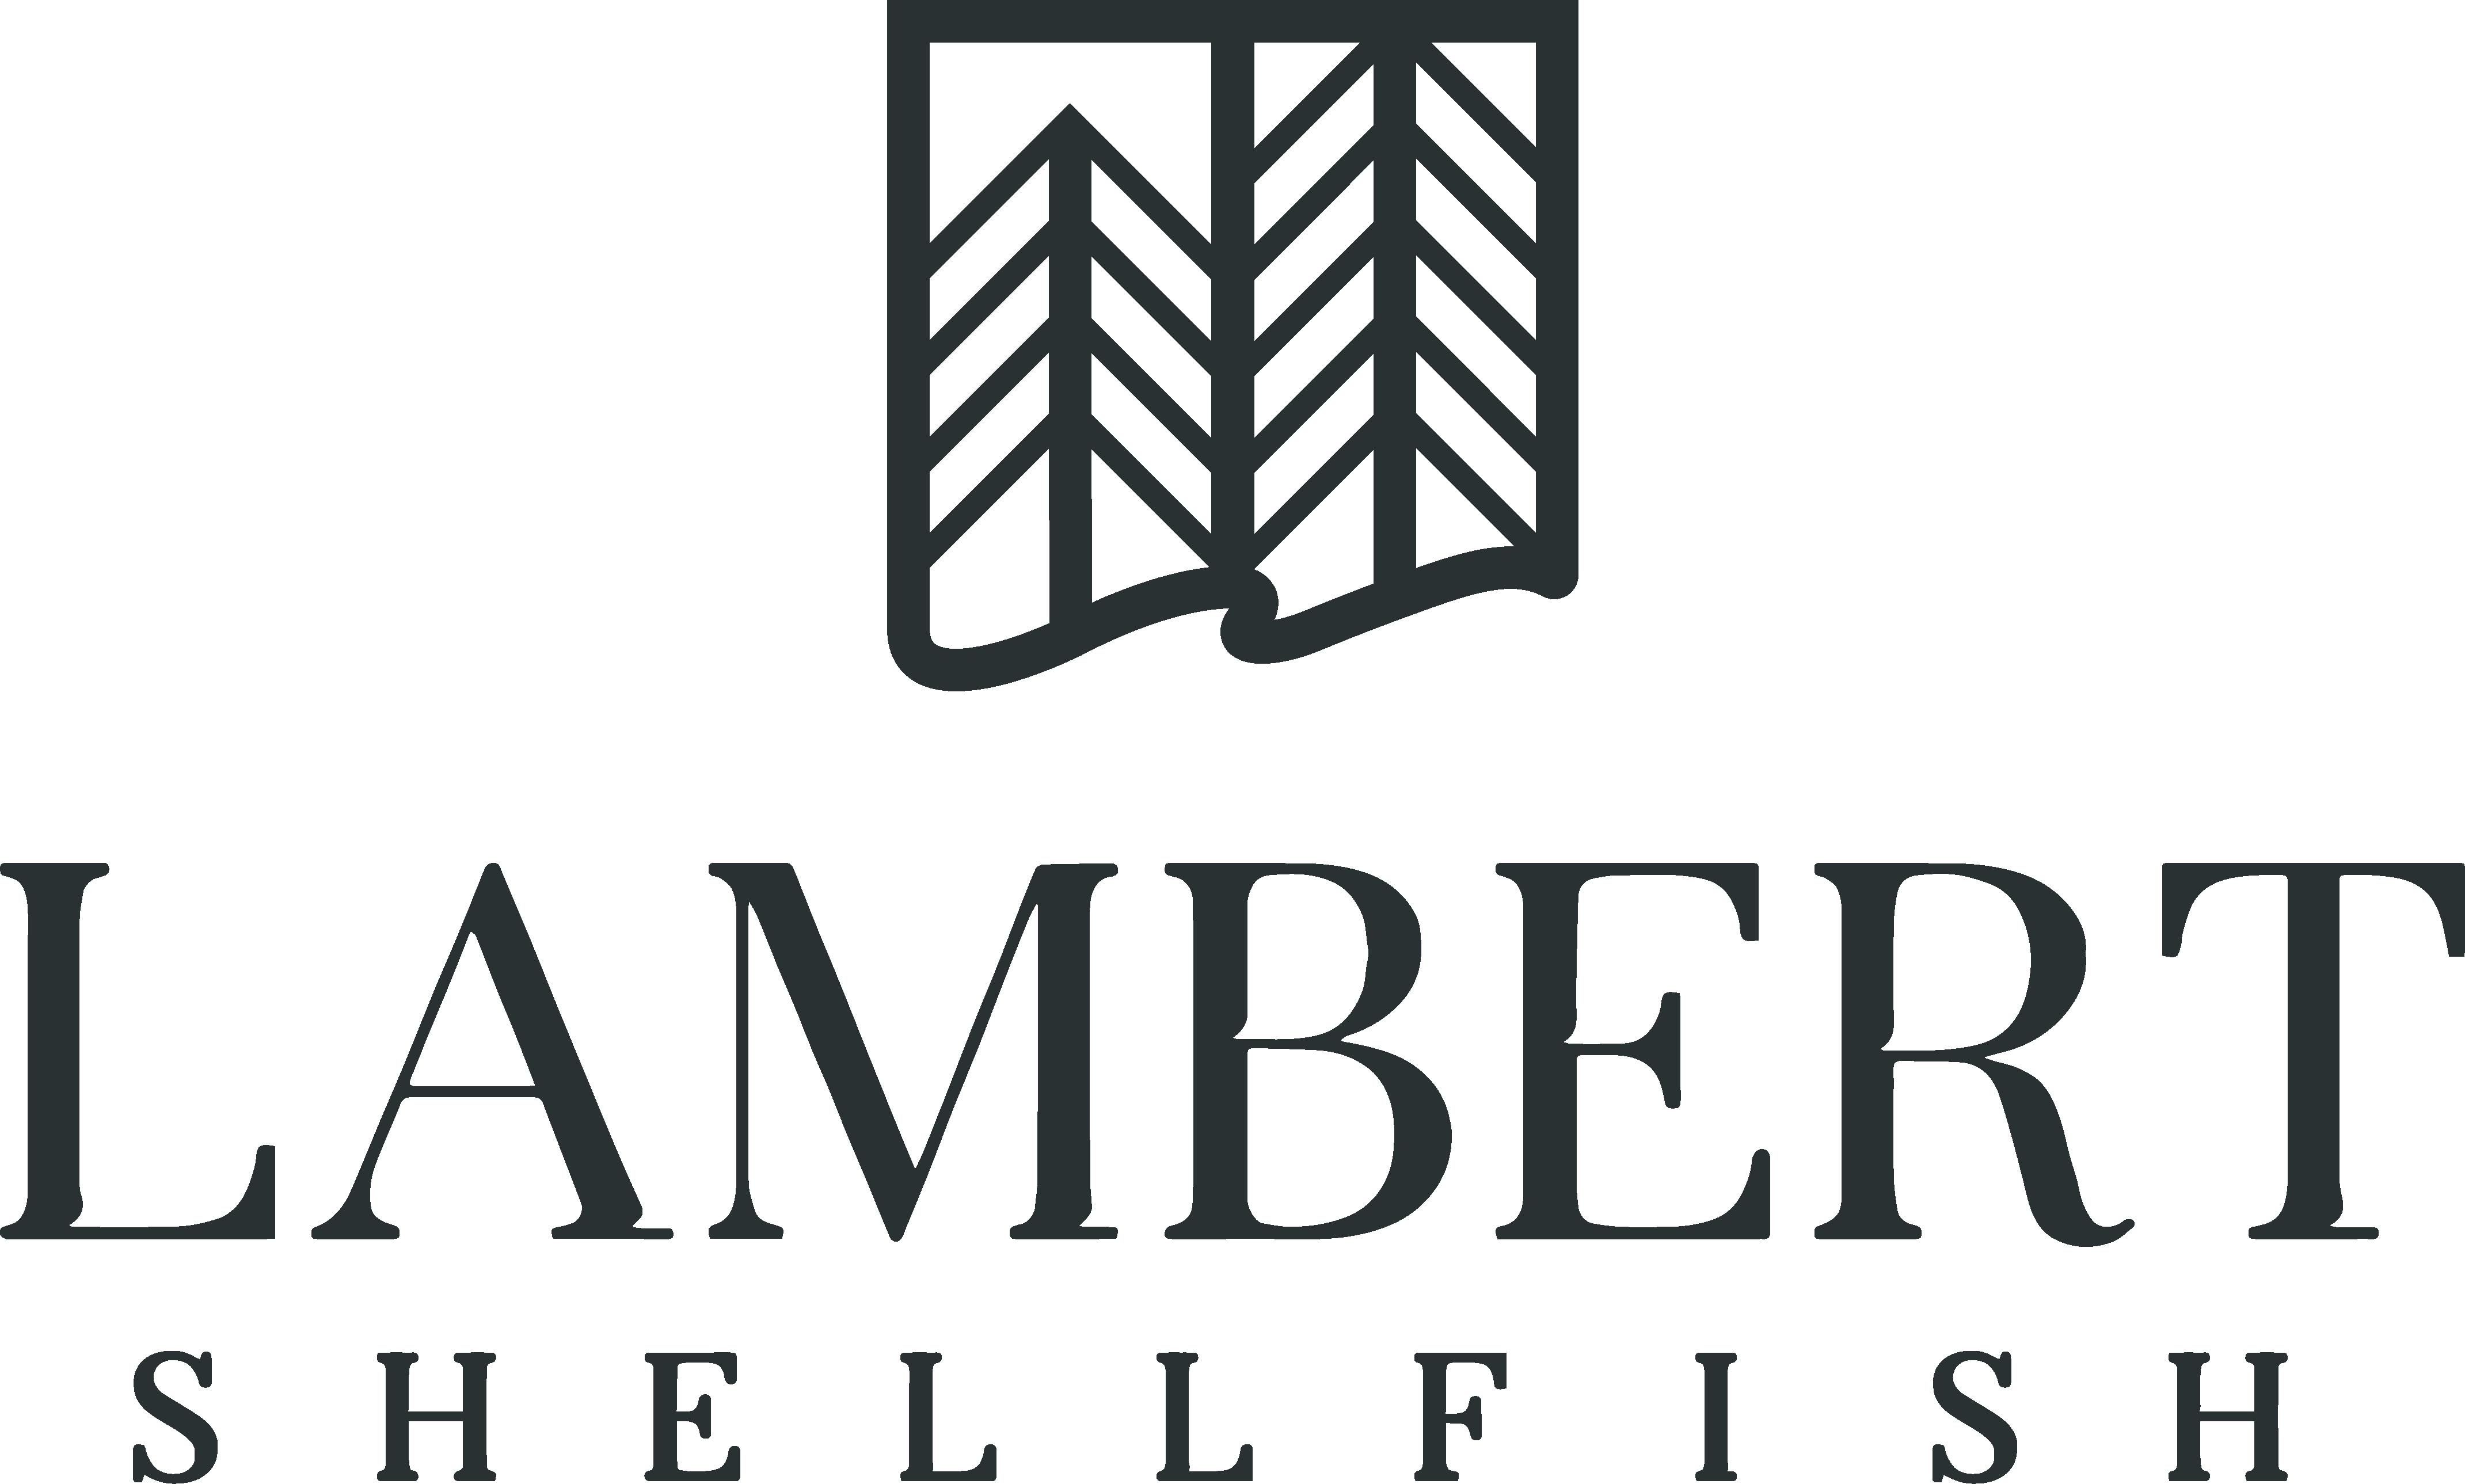 Lambert Shellfish LLC